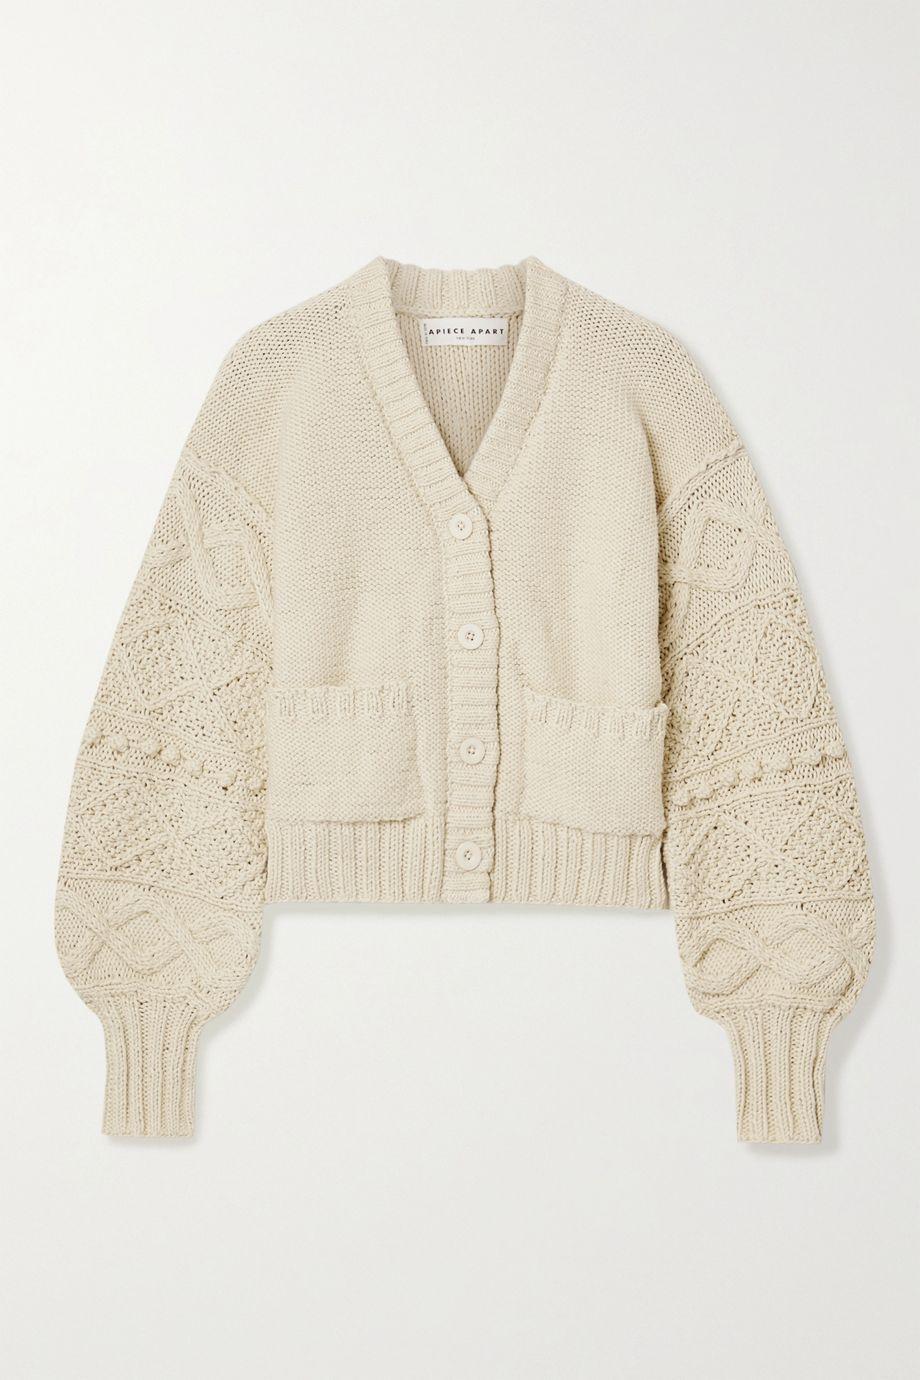 APIECE APART Jacinta cropped cotton cardigan